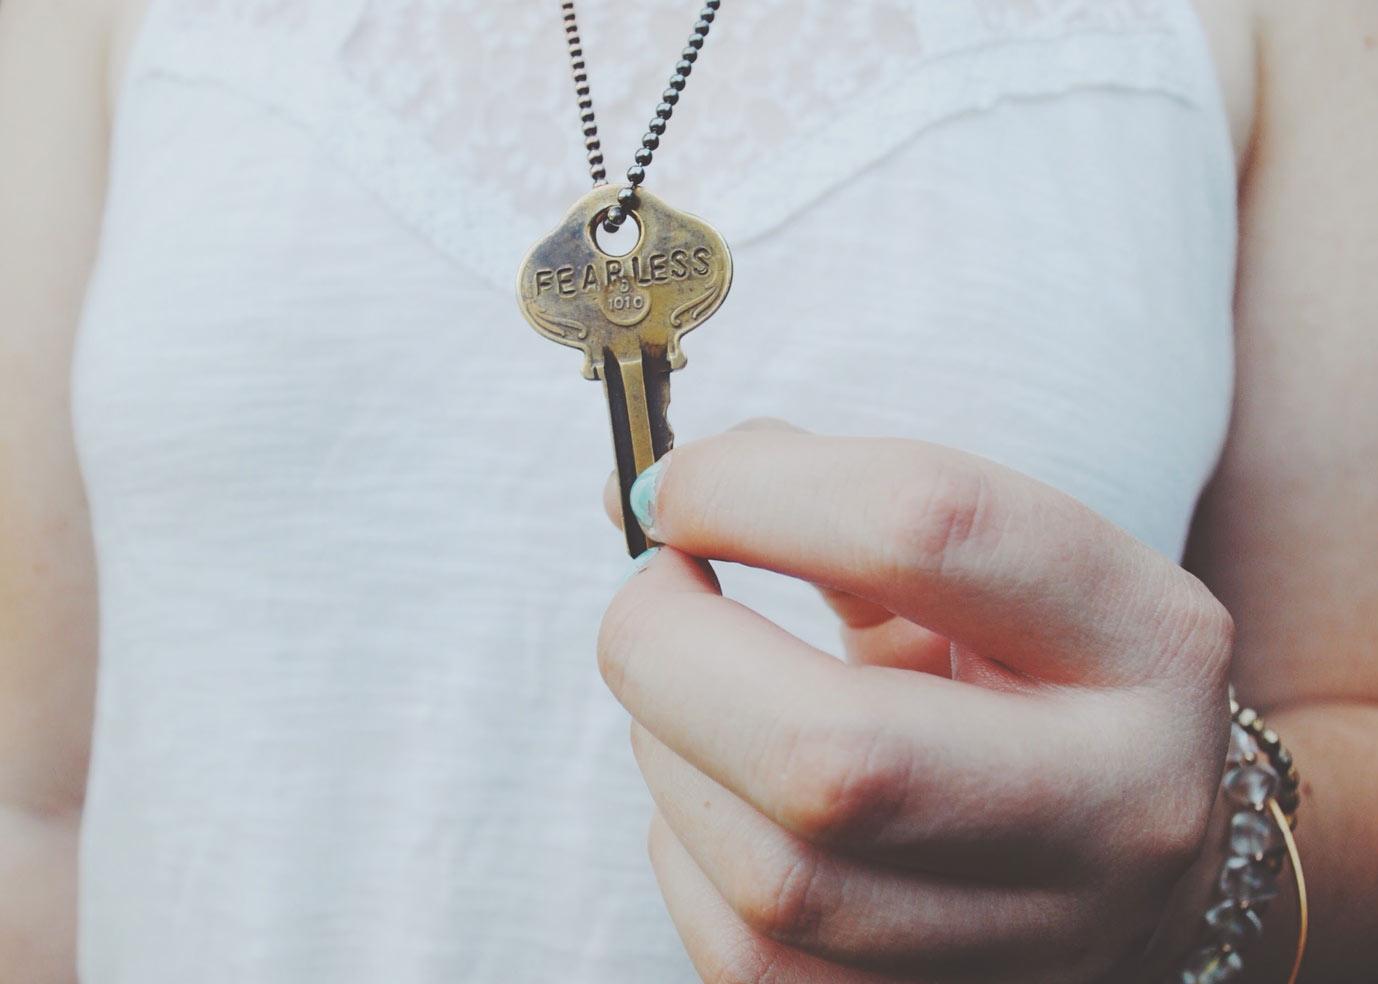 O Ano em que eu virei a chave